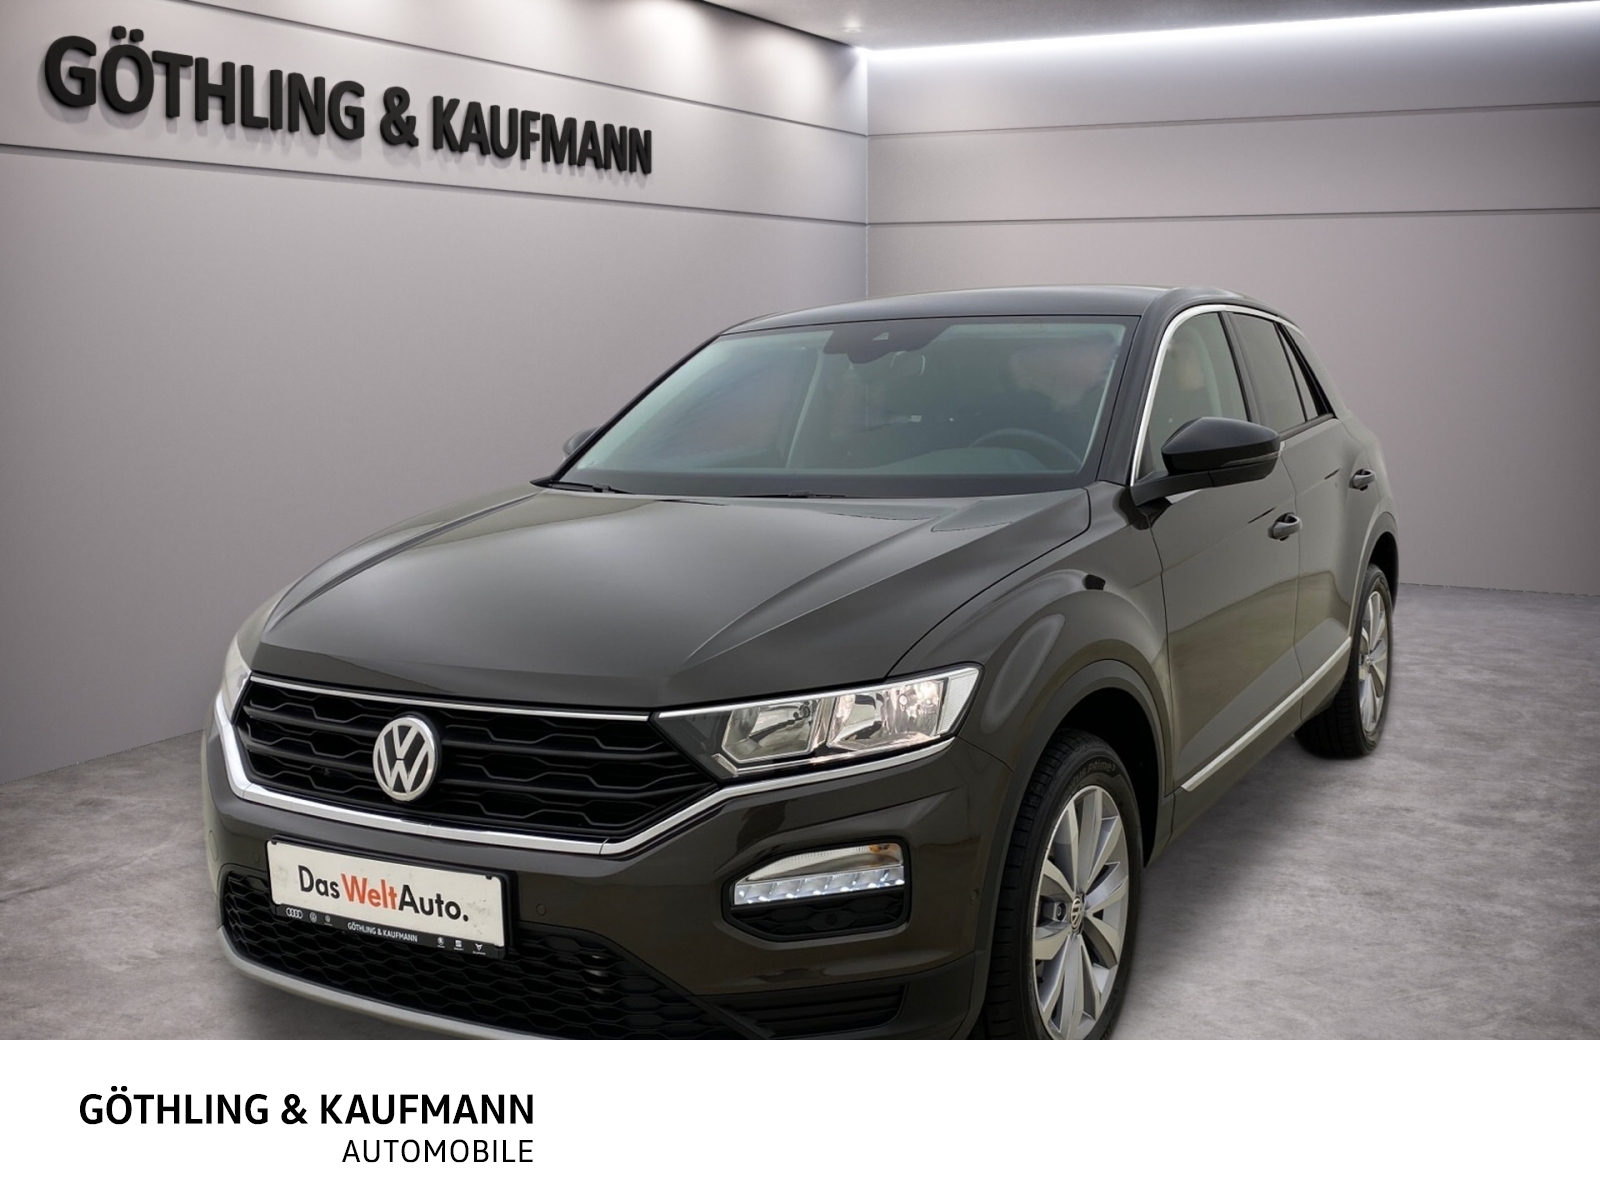 Volkswagen T-Roc 2.0 TDI Style DSG 110kW*ACC*Park Assist*Na, Jahr 2019, Diesel